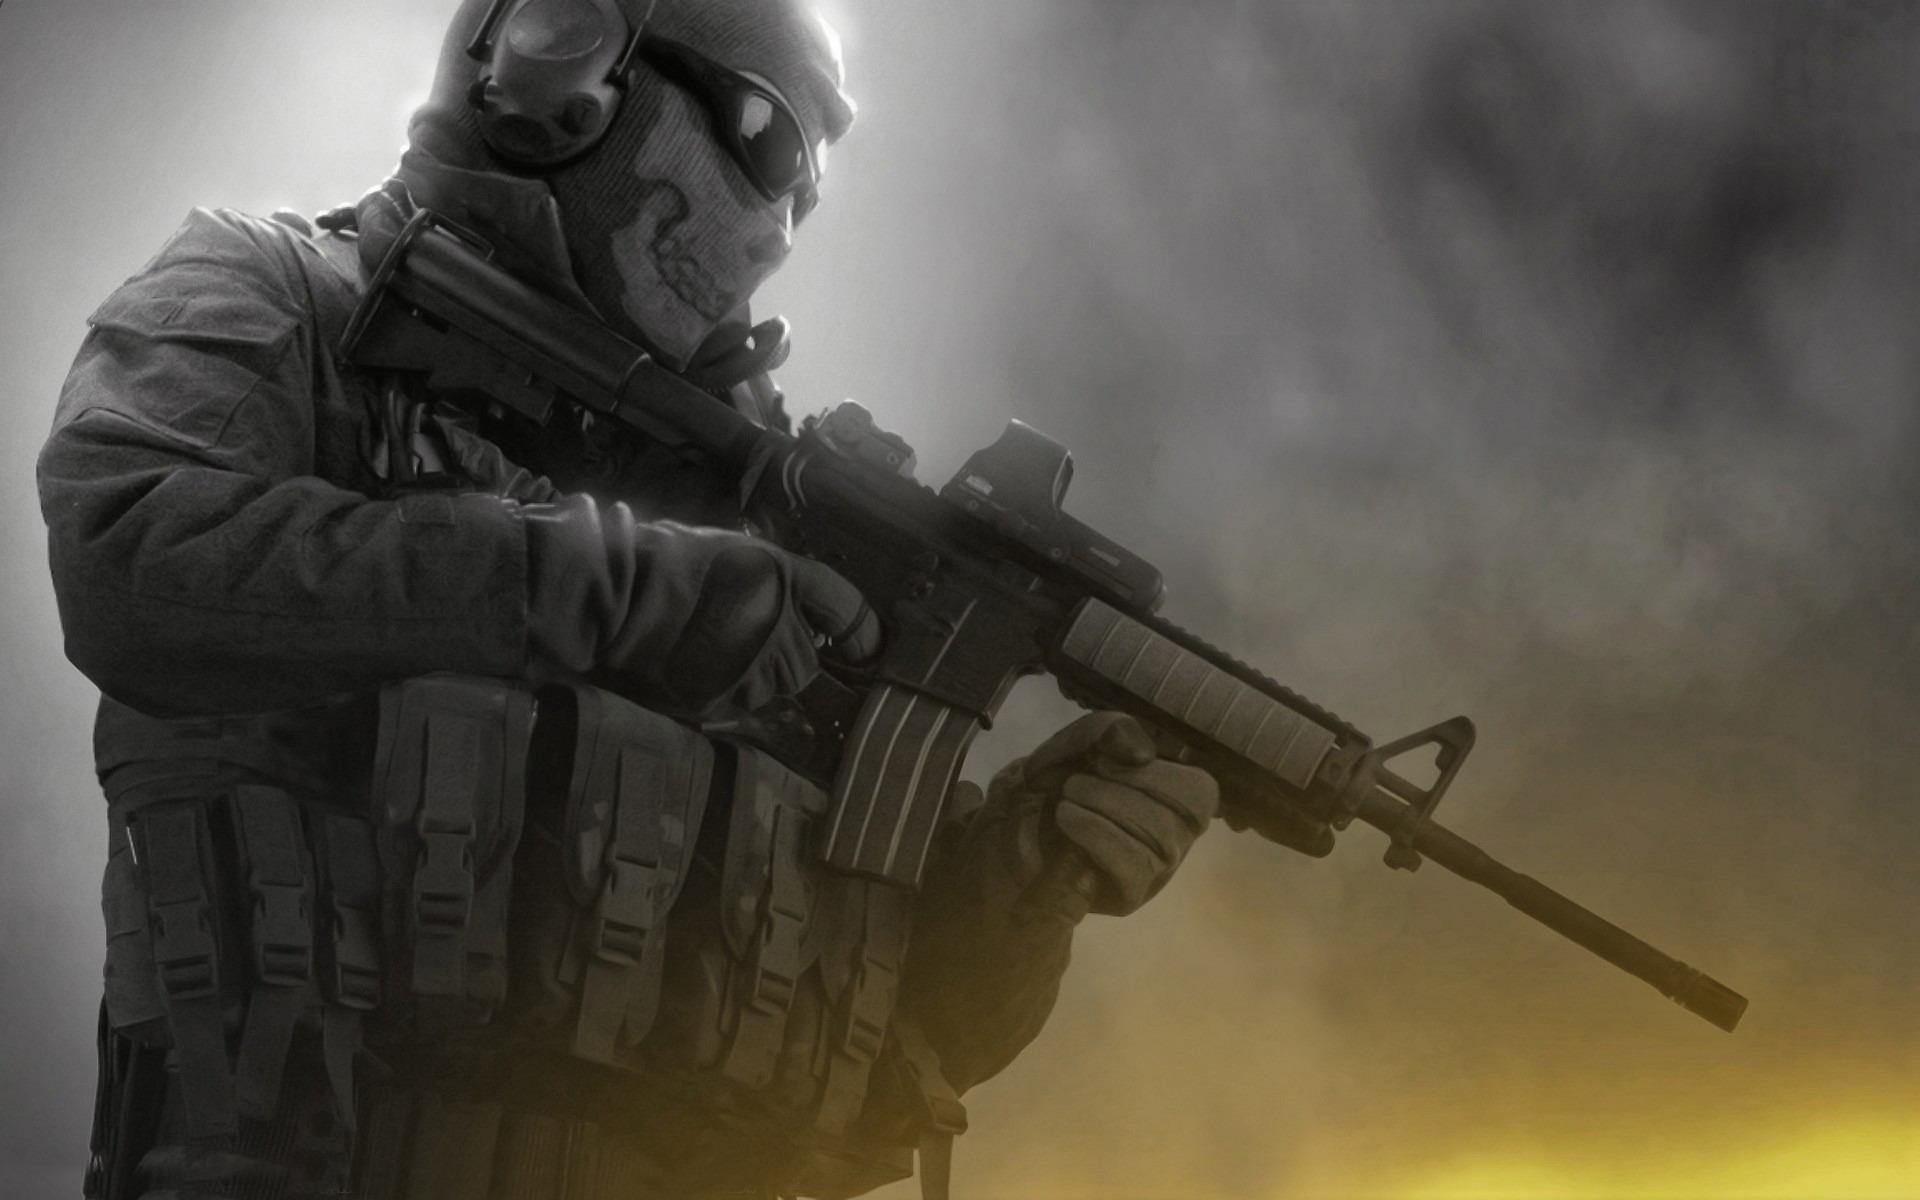 Modern Warfare 2 Ghost Wallpaper 151970